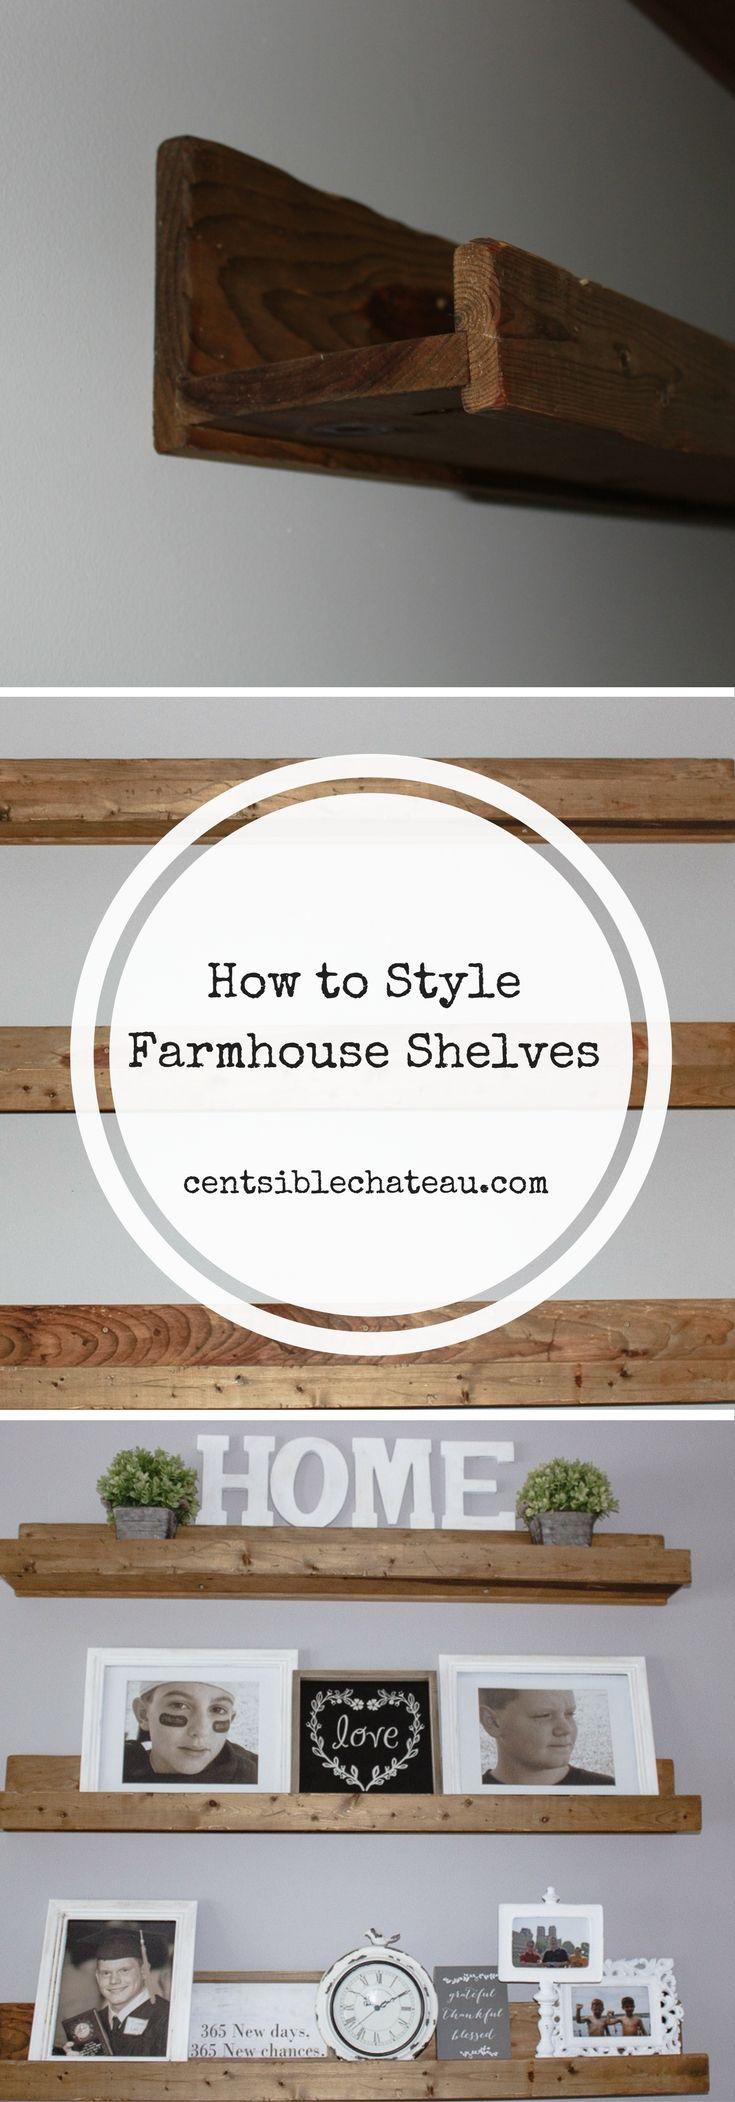 Farmhouse Shelves|Fixer Upper Shelves| Farmhouse Style|Farmhouse Decor